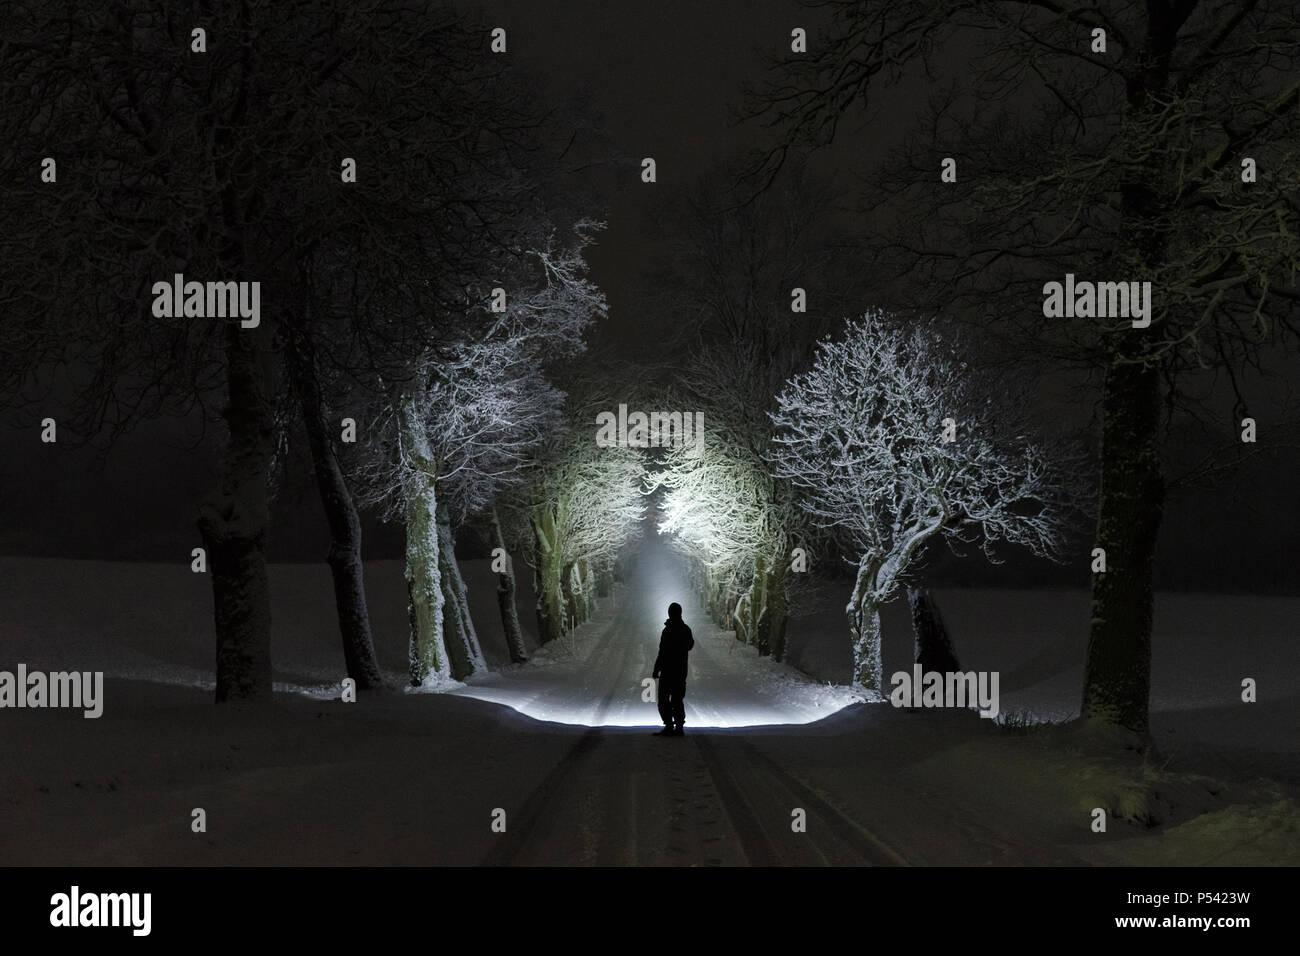 Droits Suède Nuit L'brillant Avec Lampe Les En PocheLa De uTlJ5FK13c